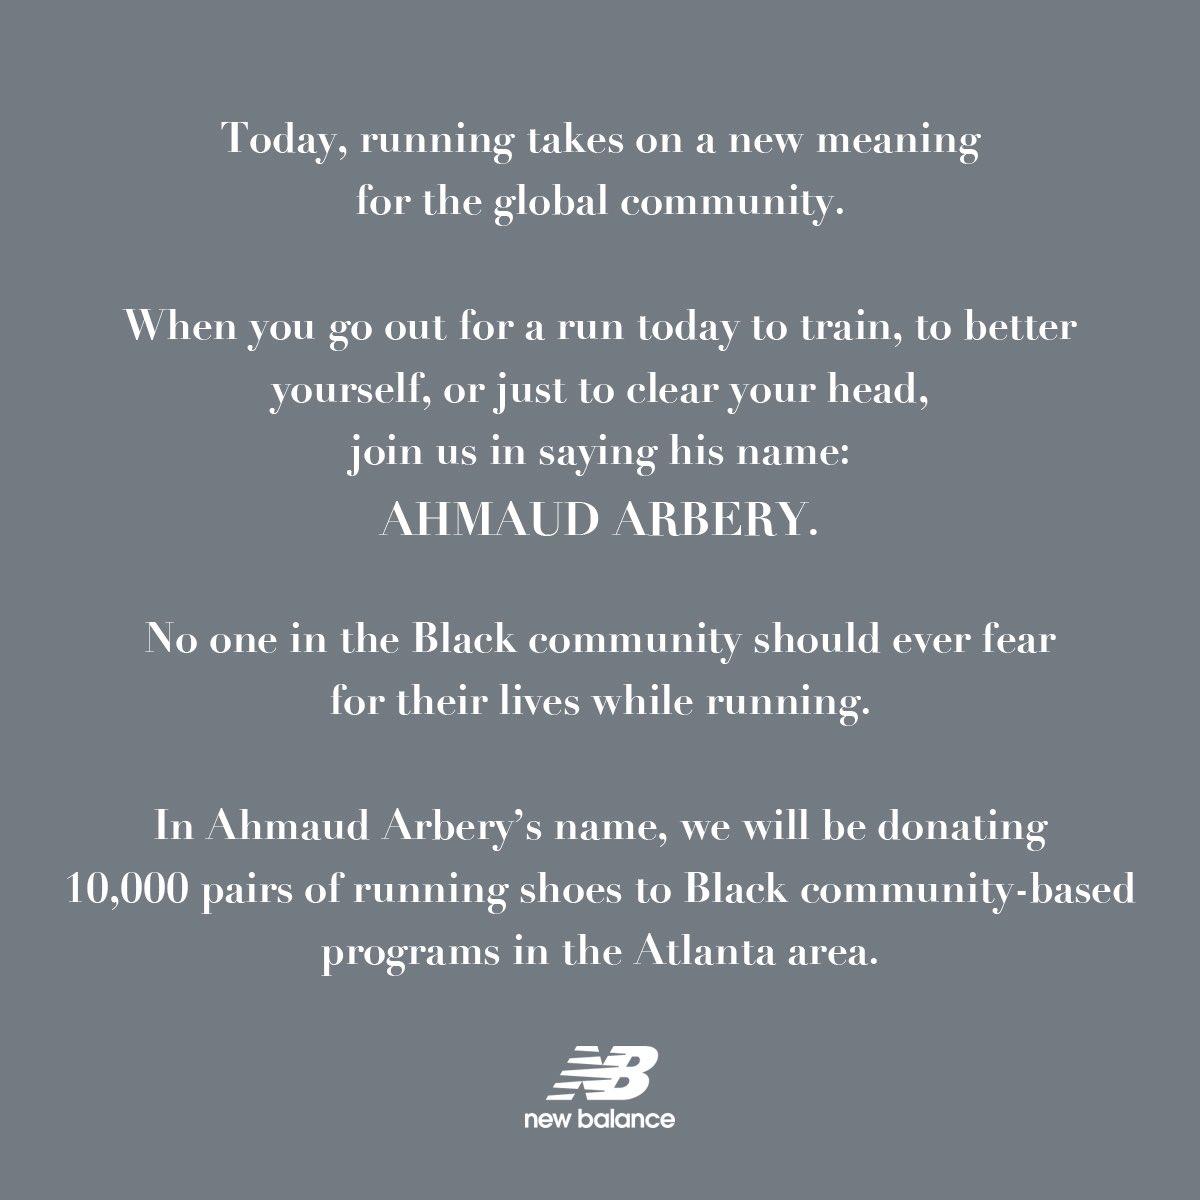 RT @newbalance: A first step.  #GlobalRunningDay #AhmaudArbery #BlackLivesMatter https://t.co/0Hi7oSg2gF